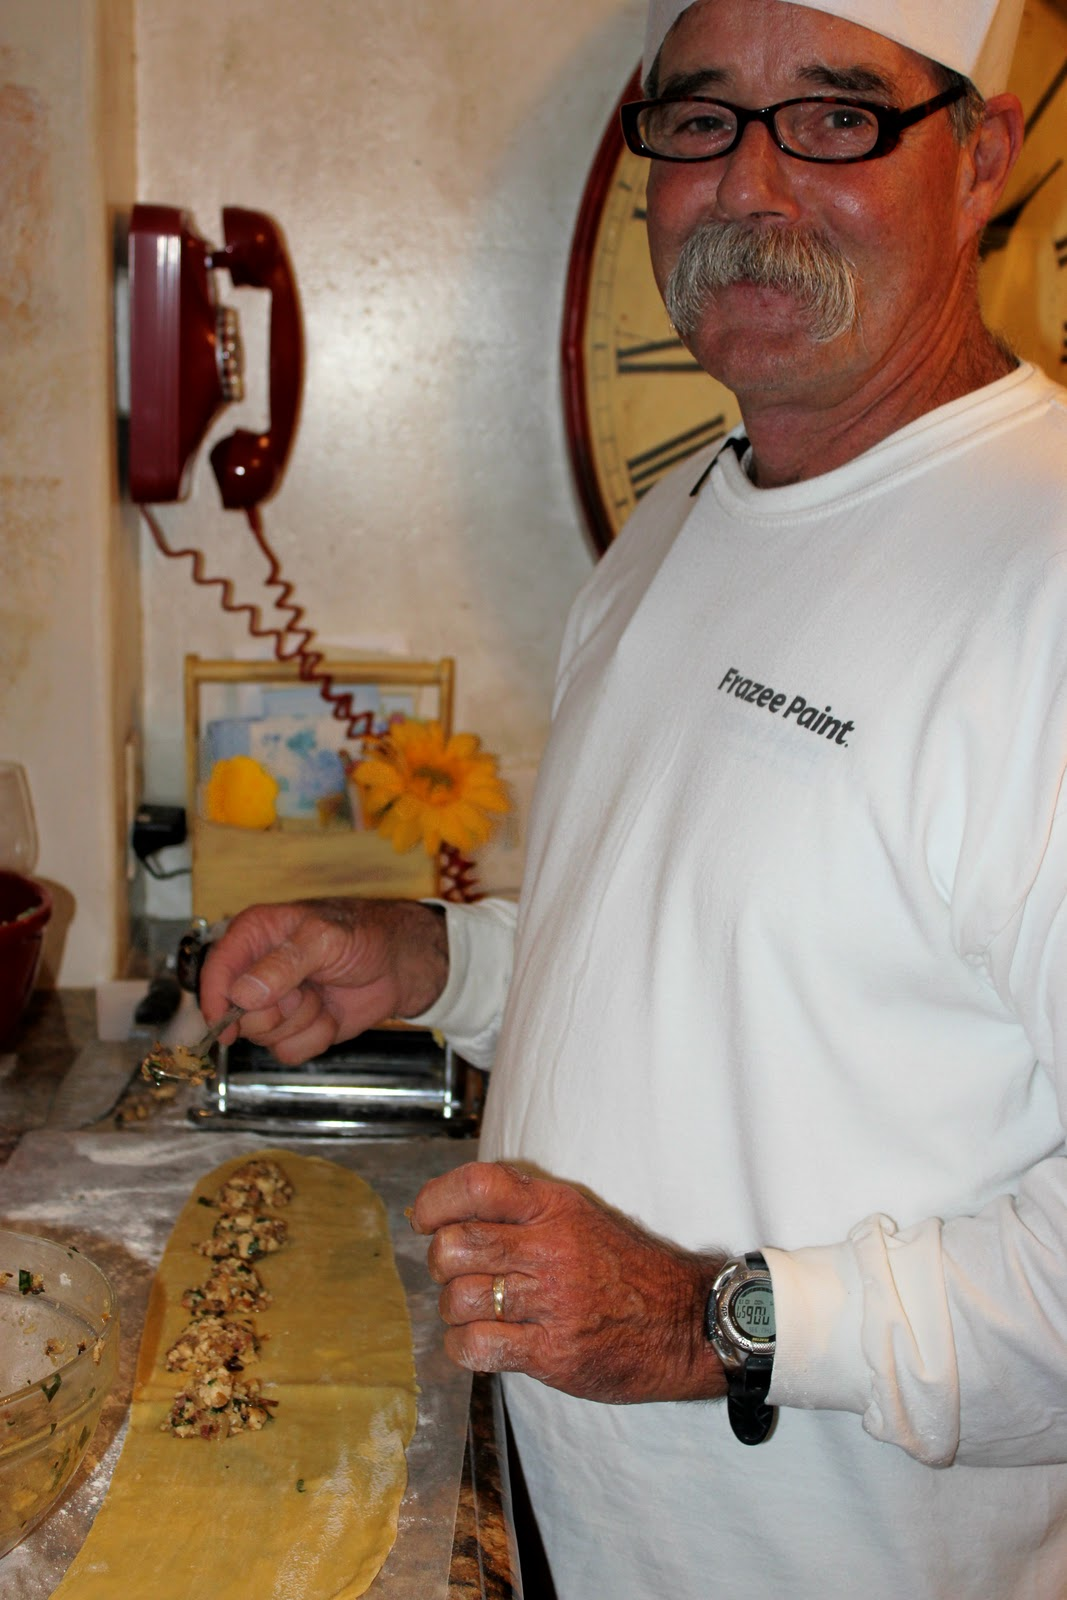 http://2.bp.blogspot.com/-Rgkz0M27ifs/Tsh3t0wsbaI/AAAAAAAAAfU/_7bP72YTksI/s1600/Tony+making+Chicken+Ravioli.jpg